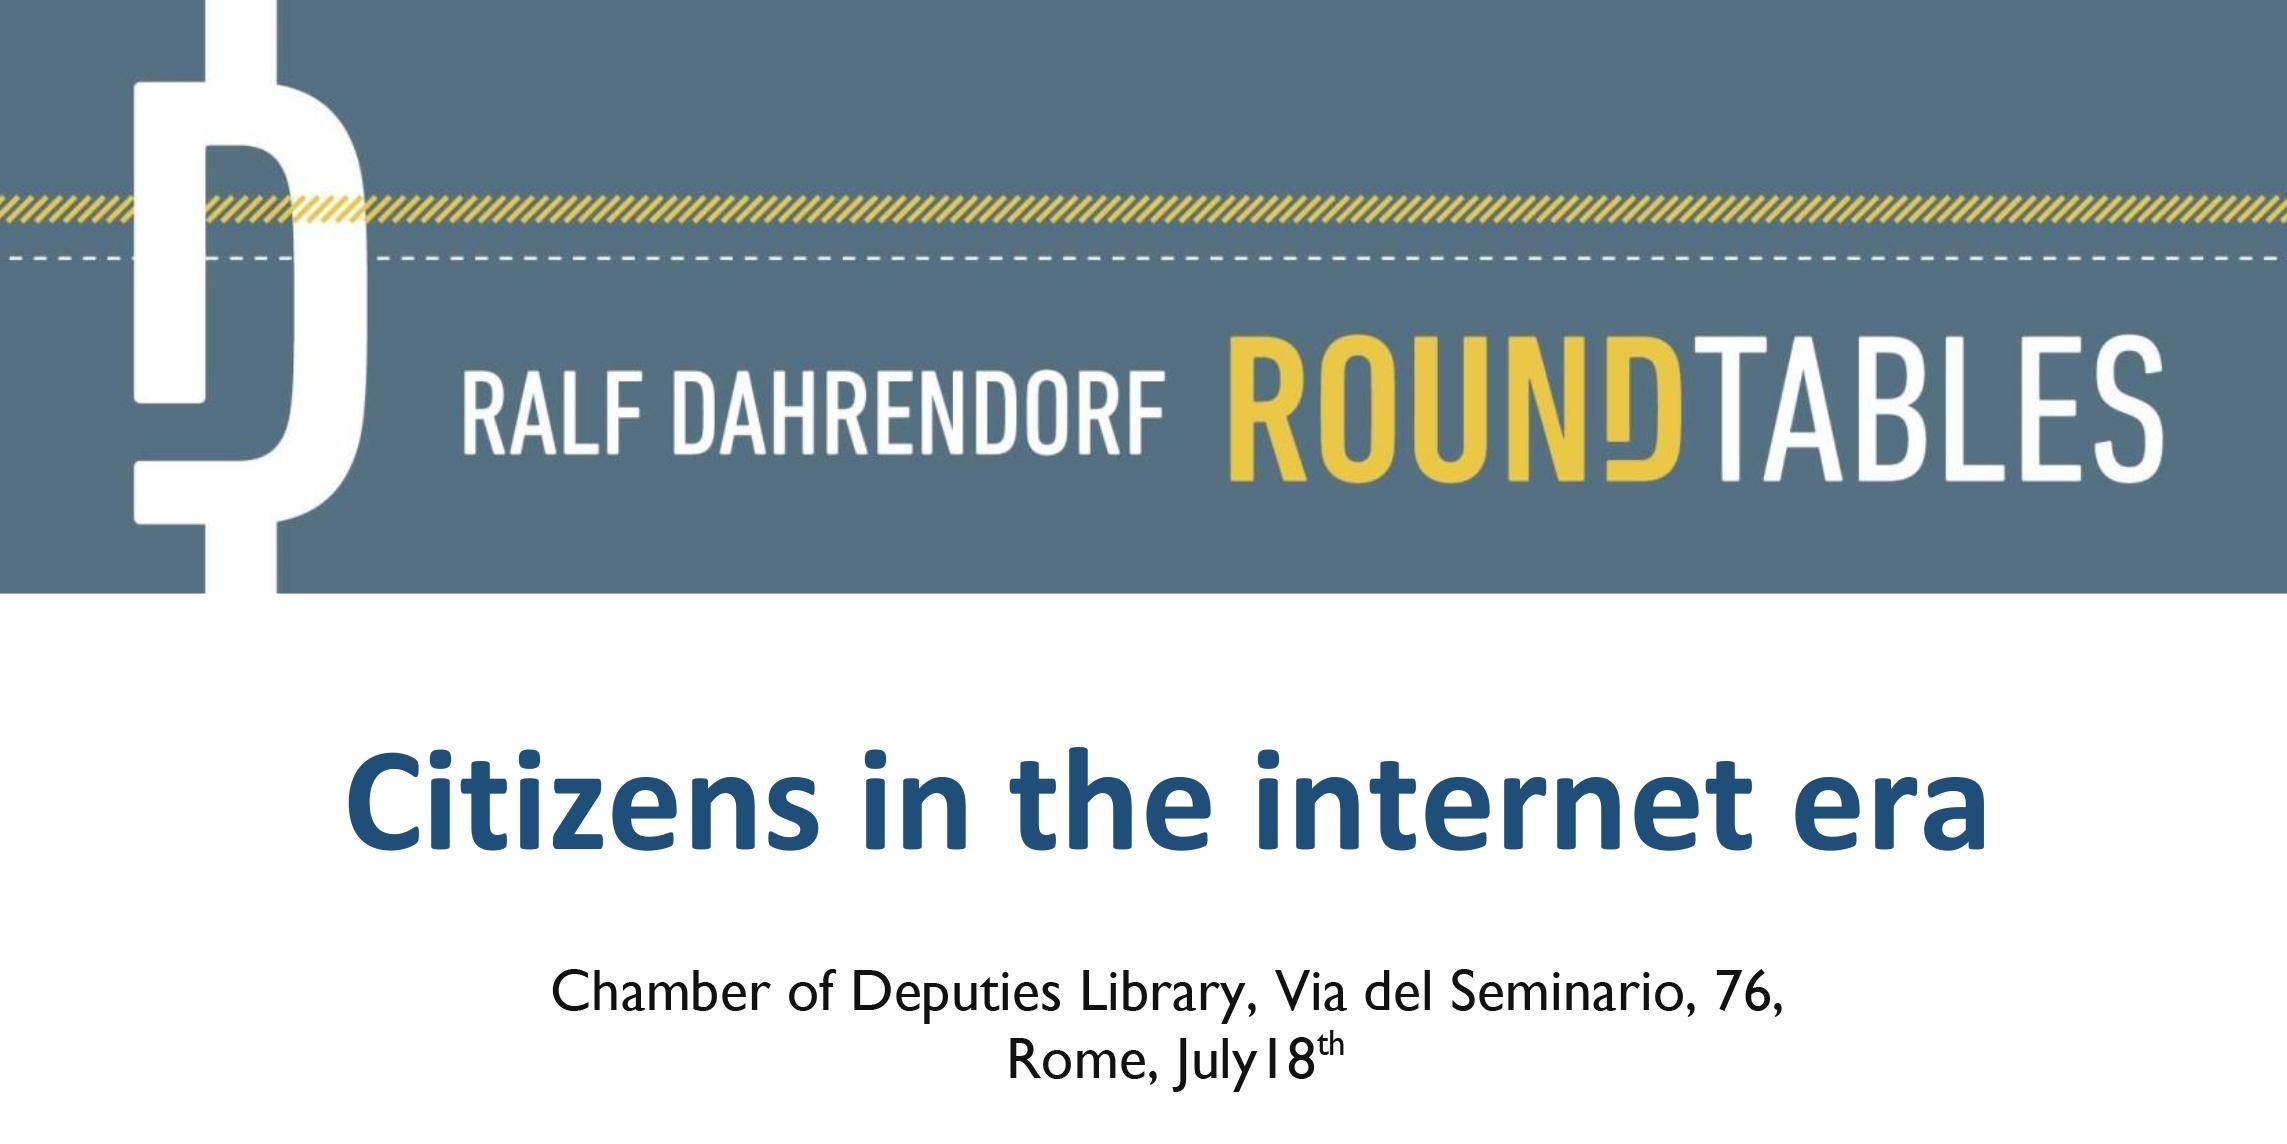 Citizens in the internet era